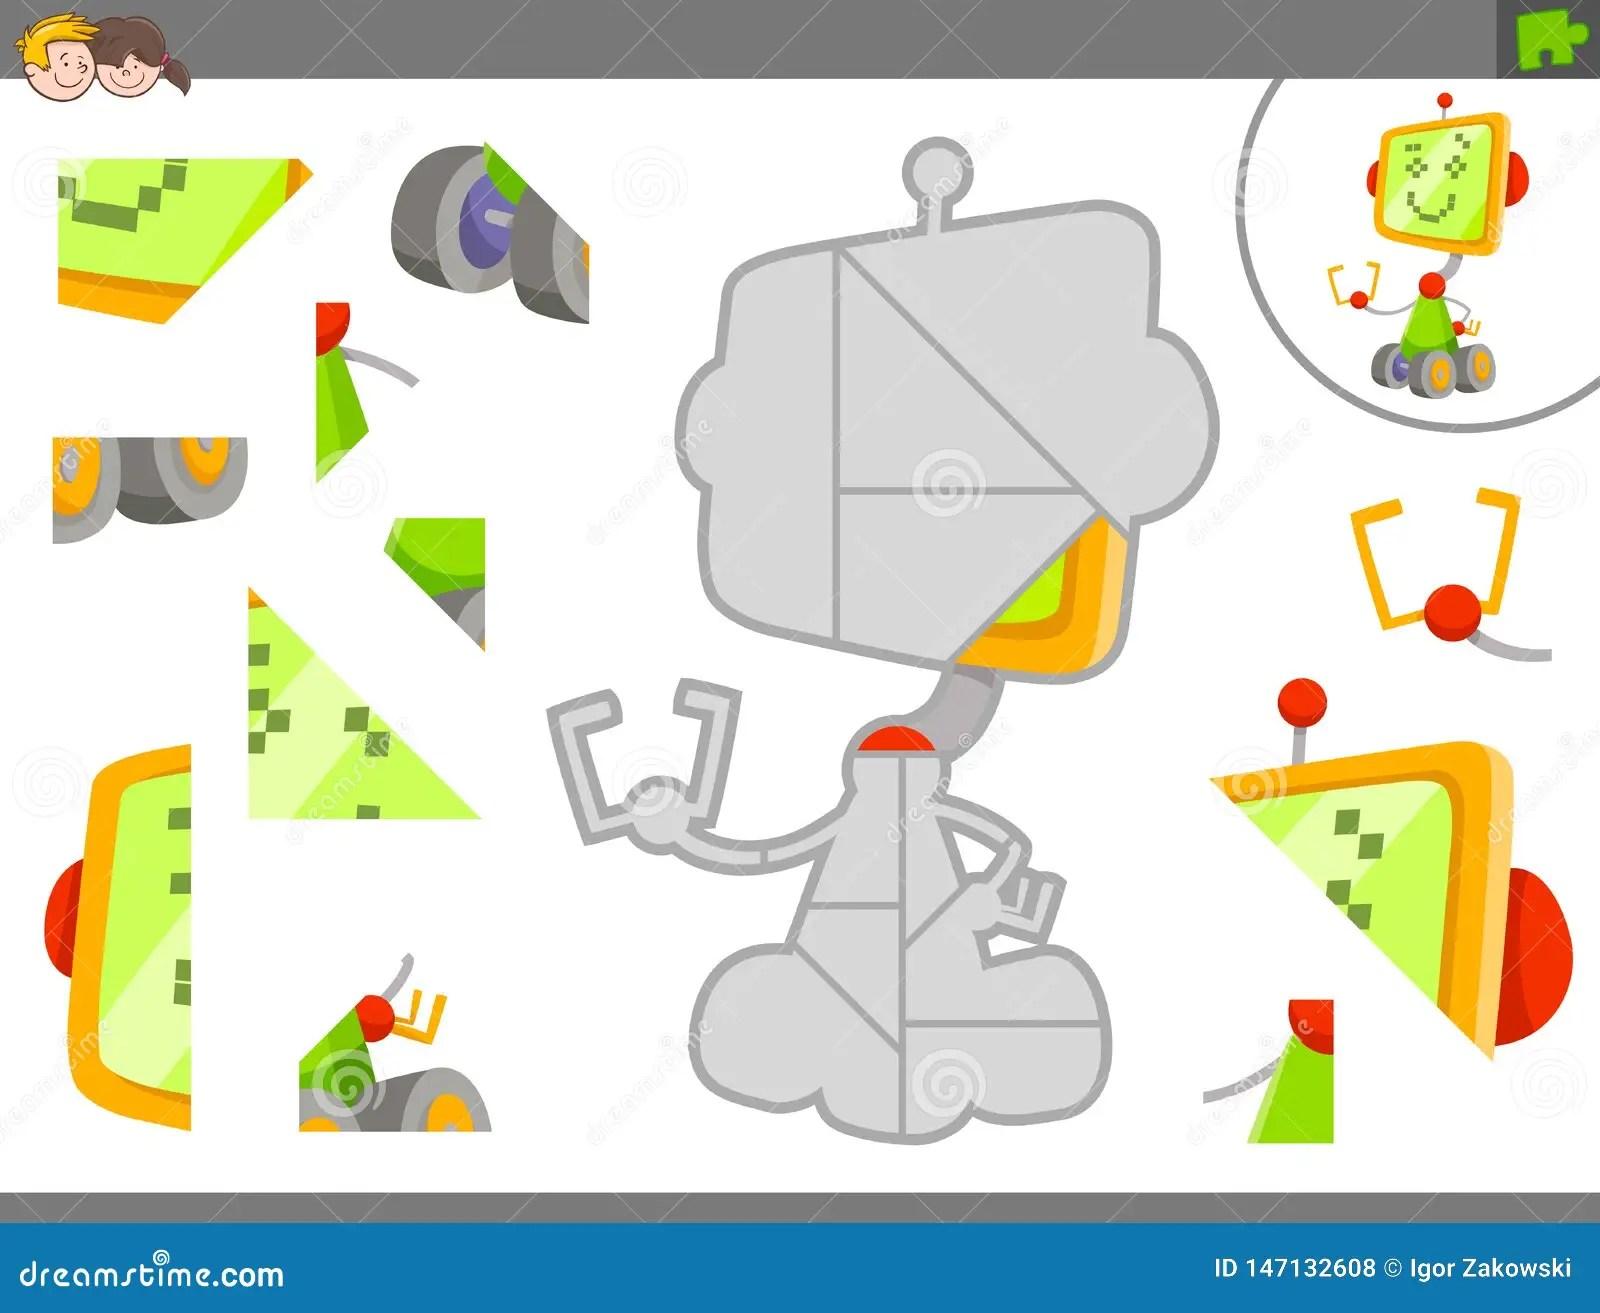 Gioco Del Puzzle Con Il Robot O Il Droid Illustrazione